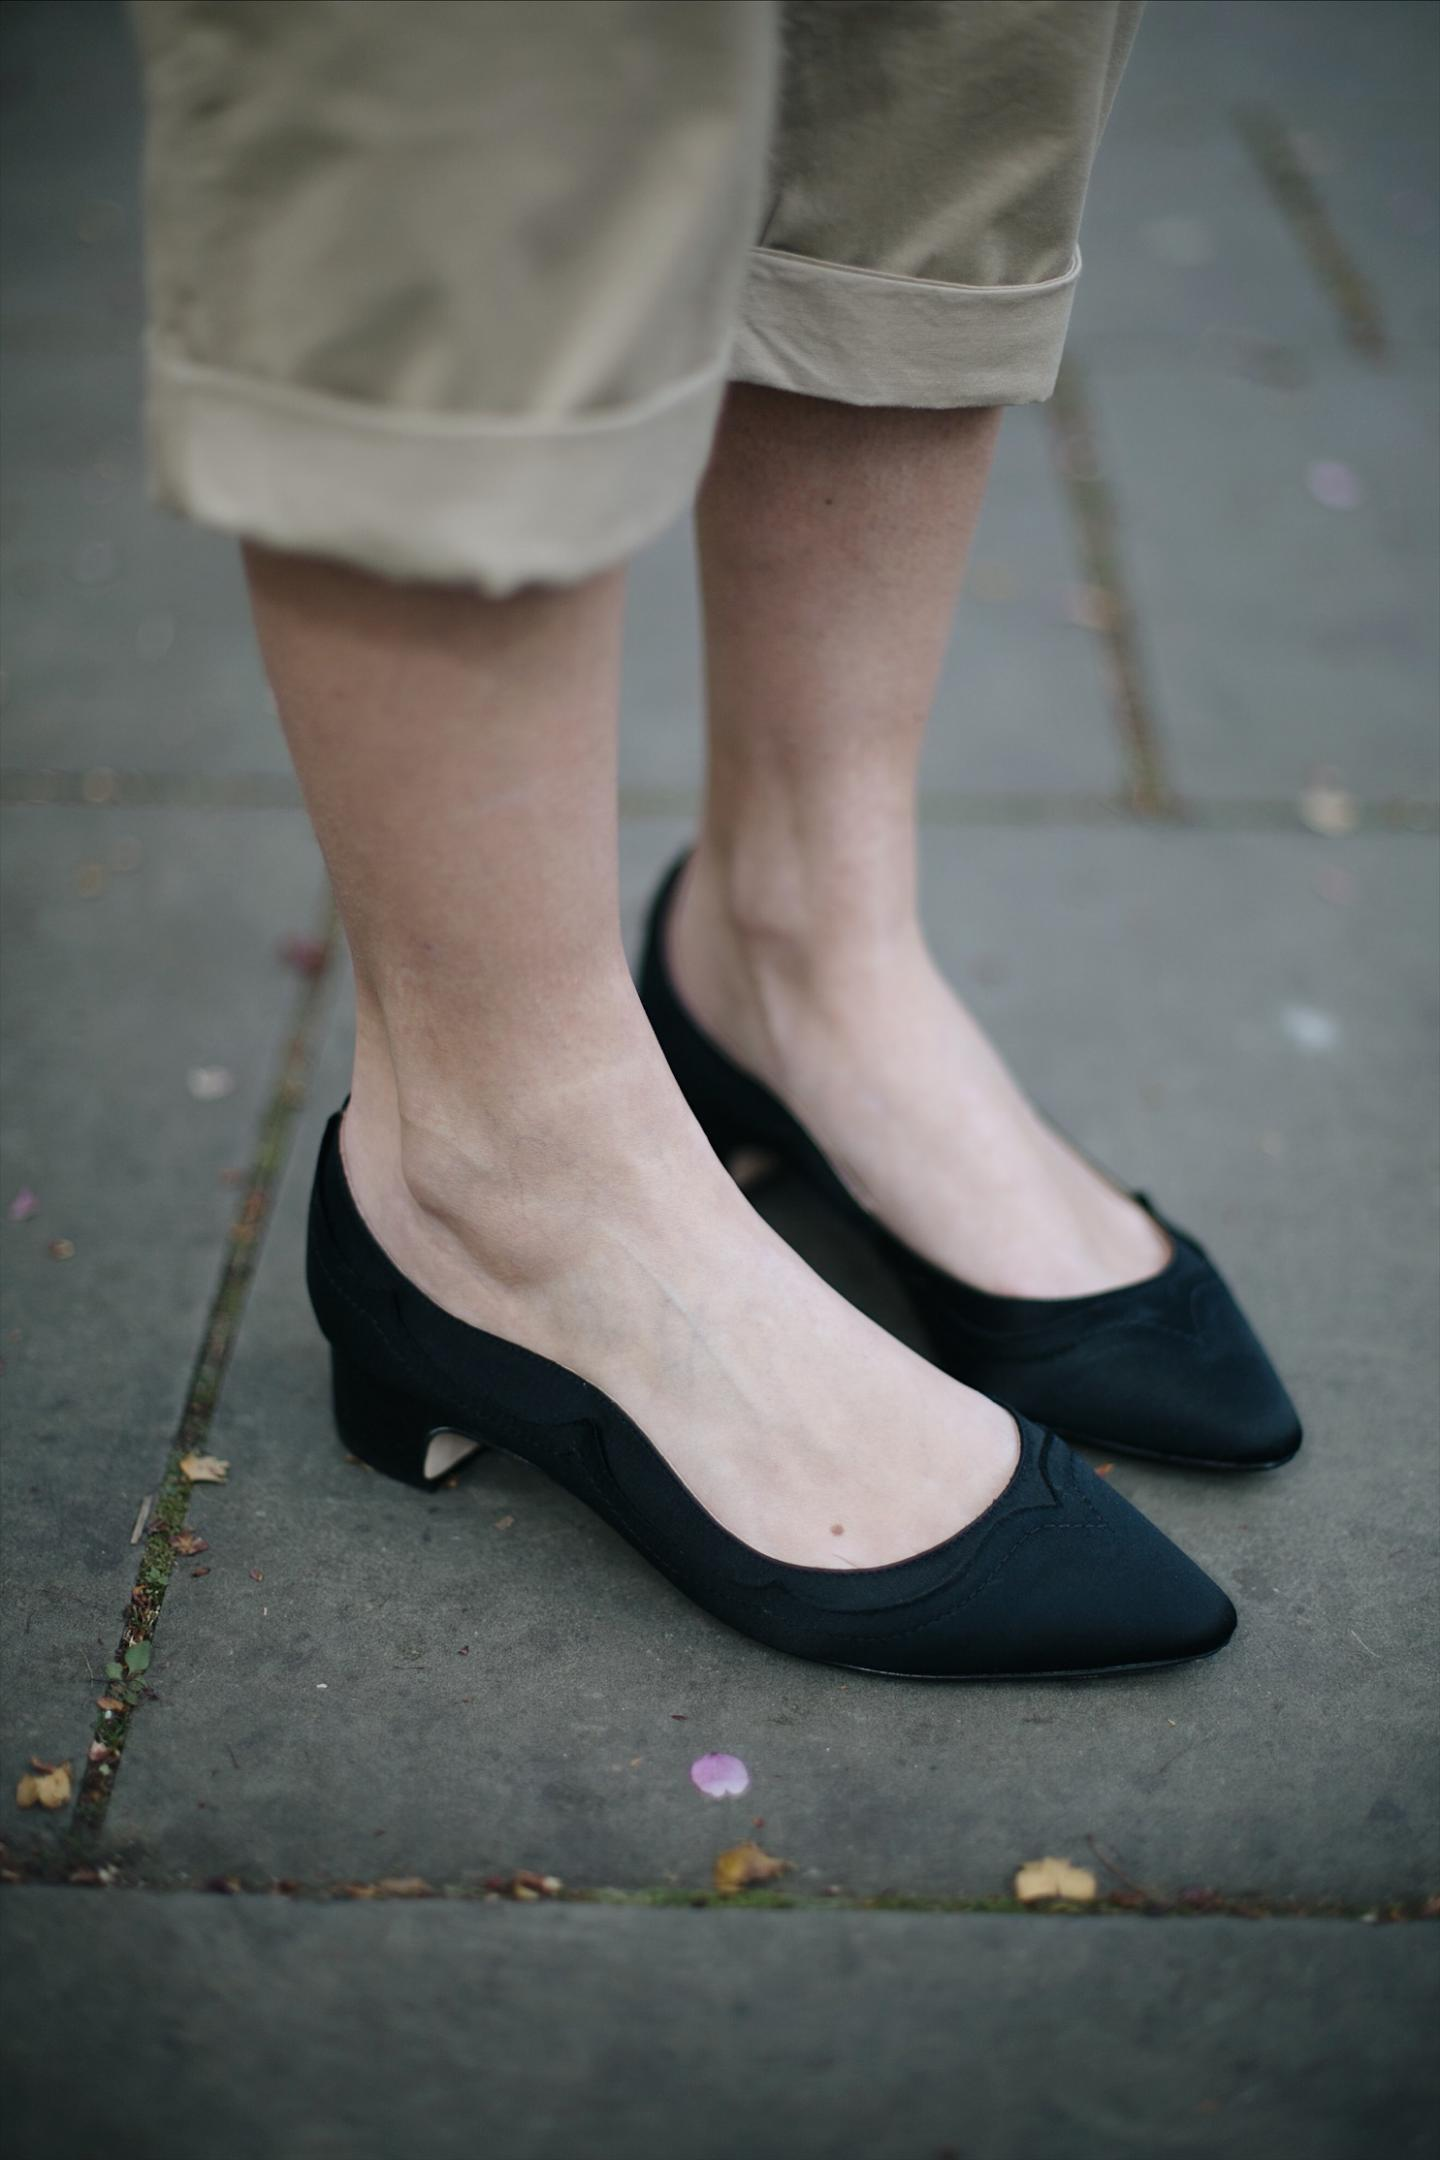 Emma Hill wears Dune x Rupert Sanderson 'Grace Hi' black satin low heels